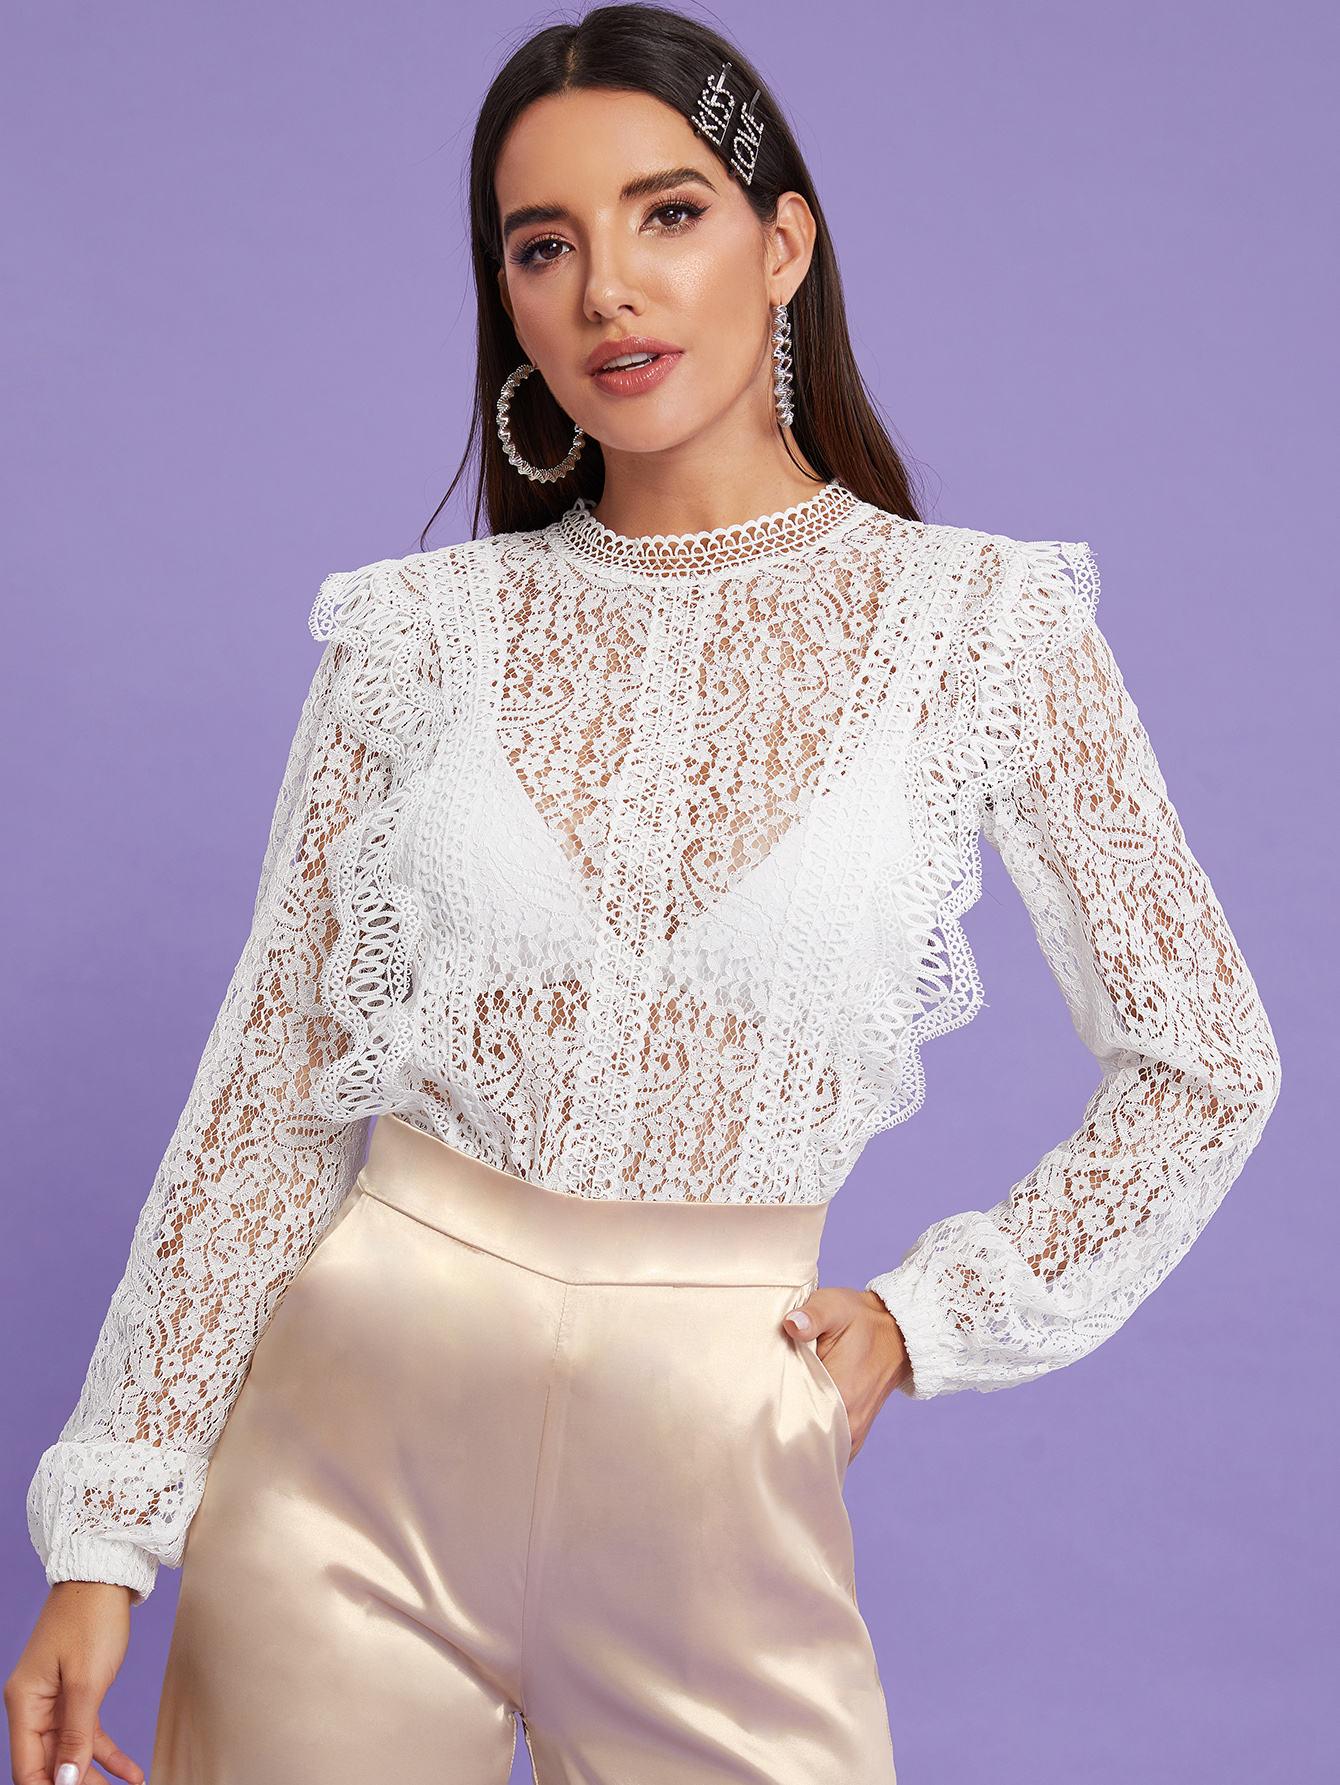 блузка кружевная белая фото компания заповедный